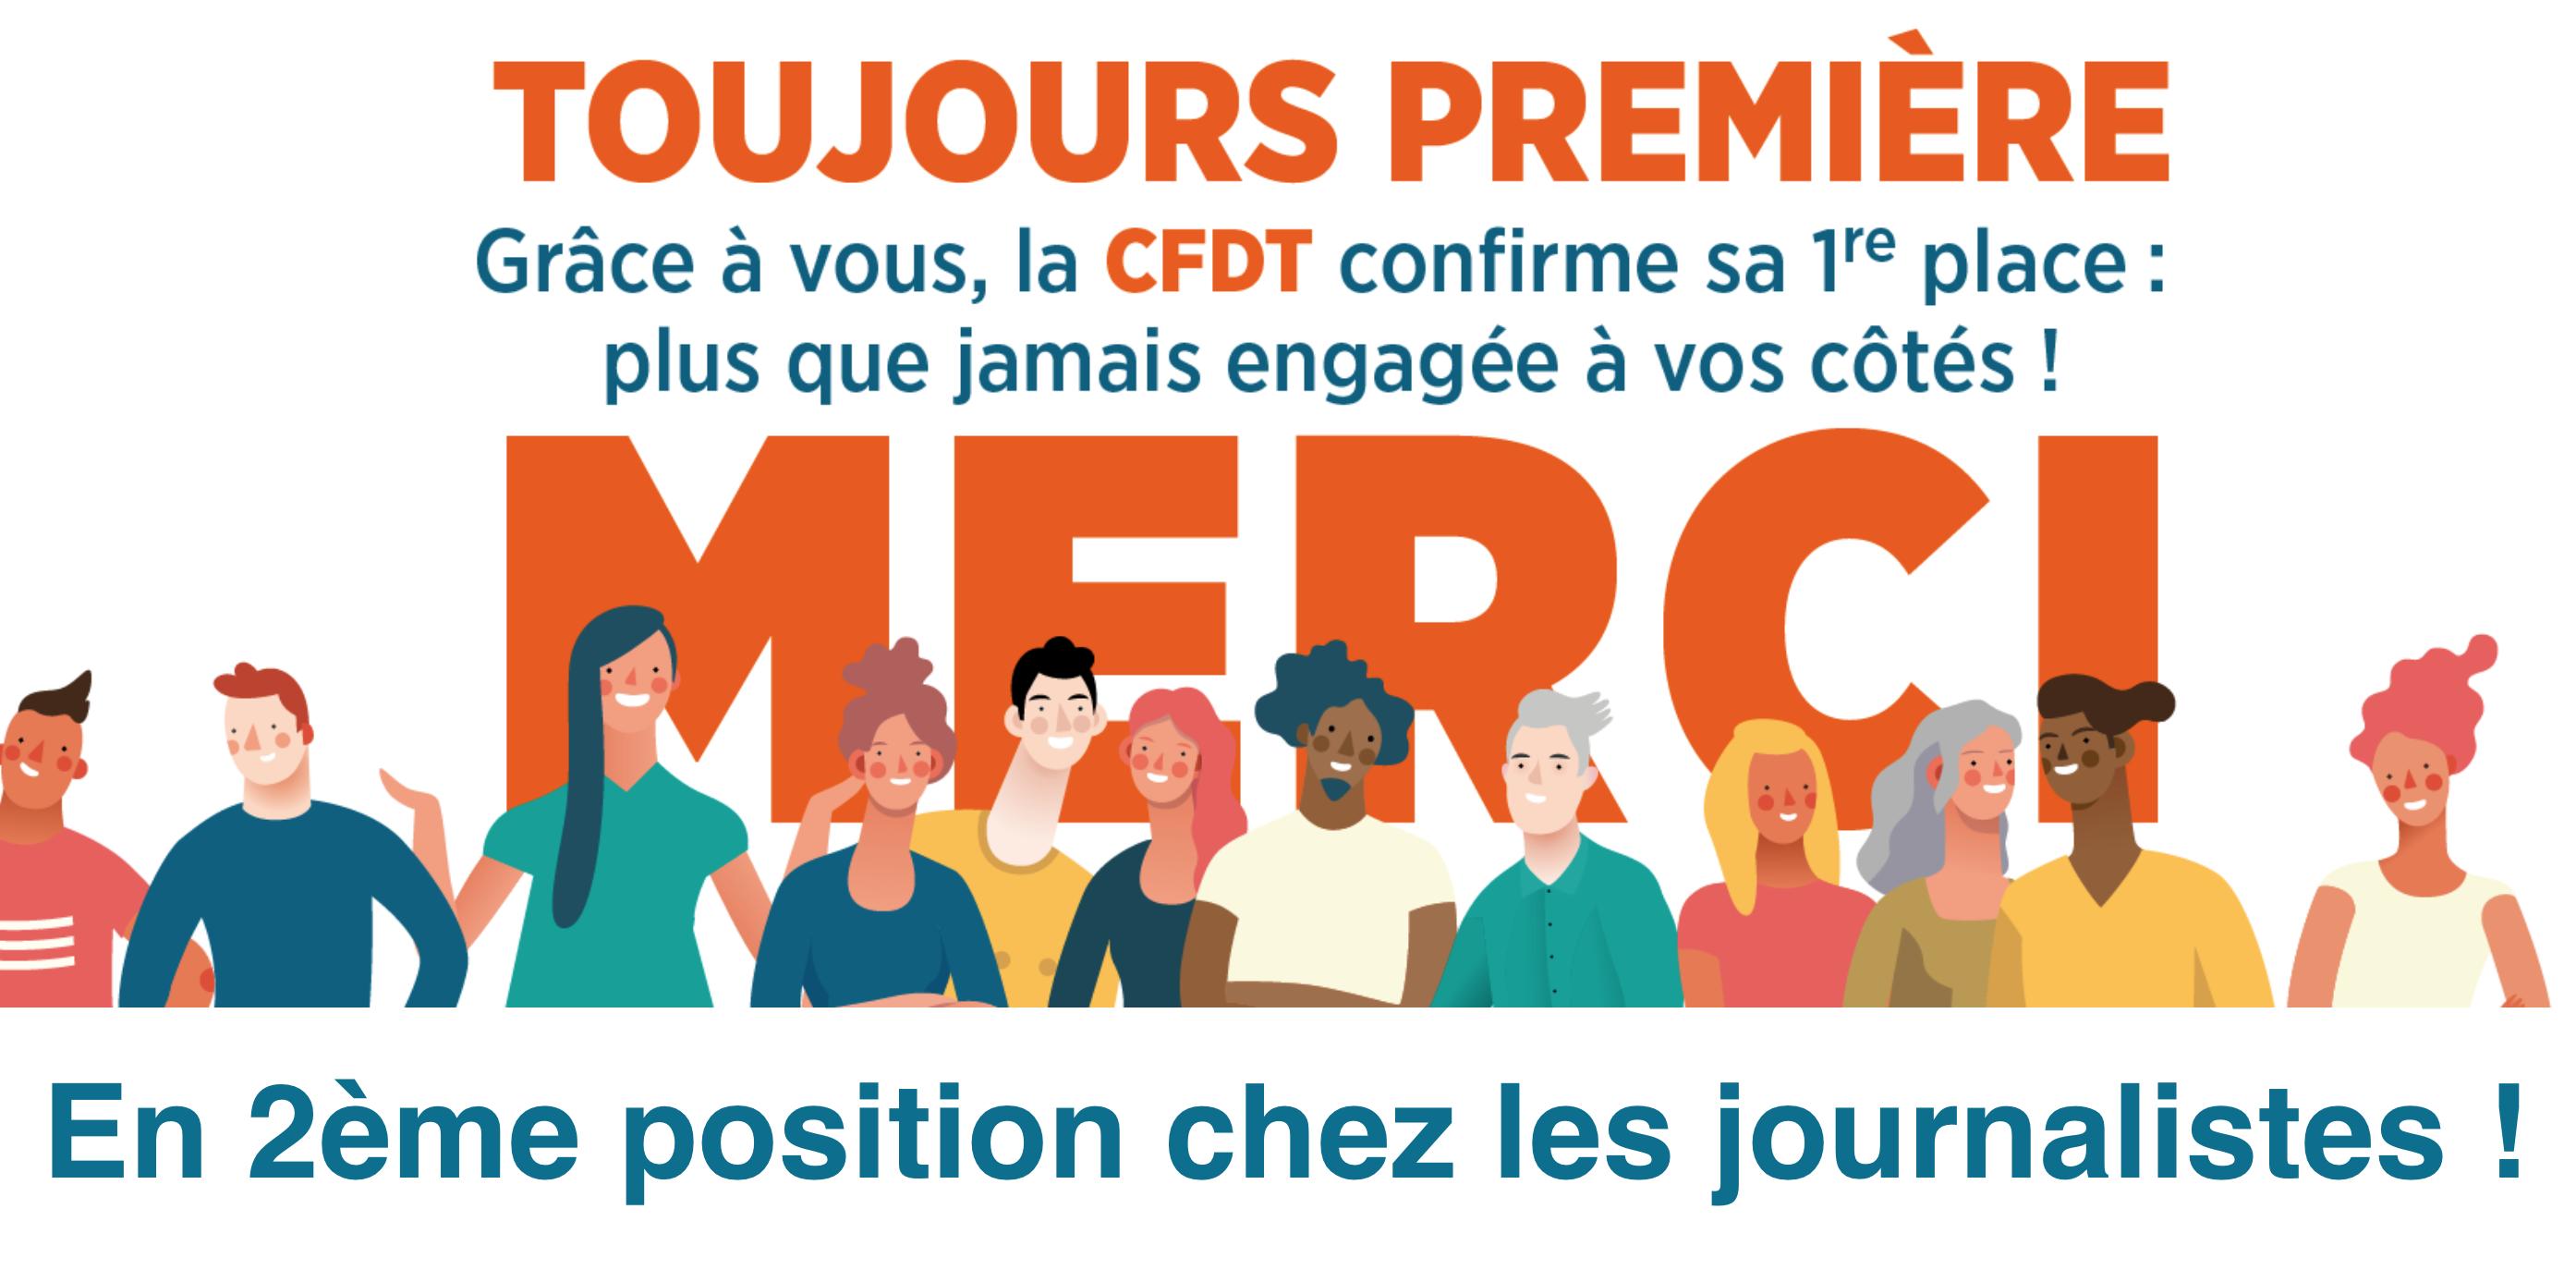 Représentativité : progression de la CFDT, qui passe en 2ème position chez les journalistes